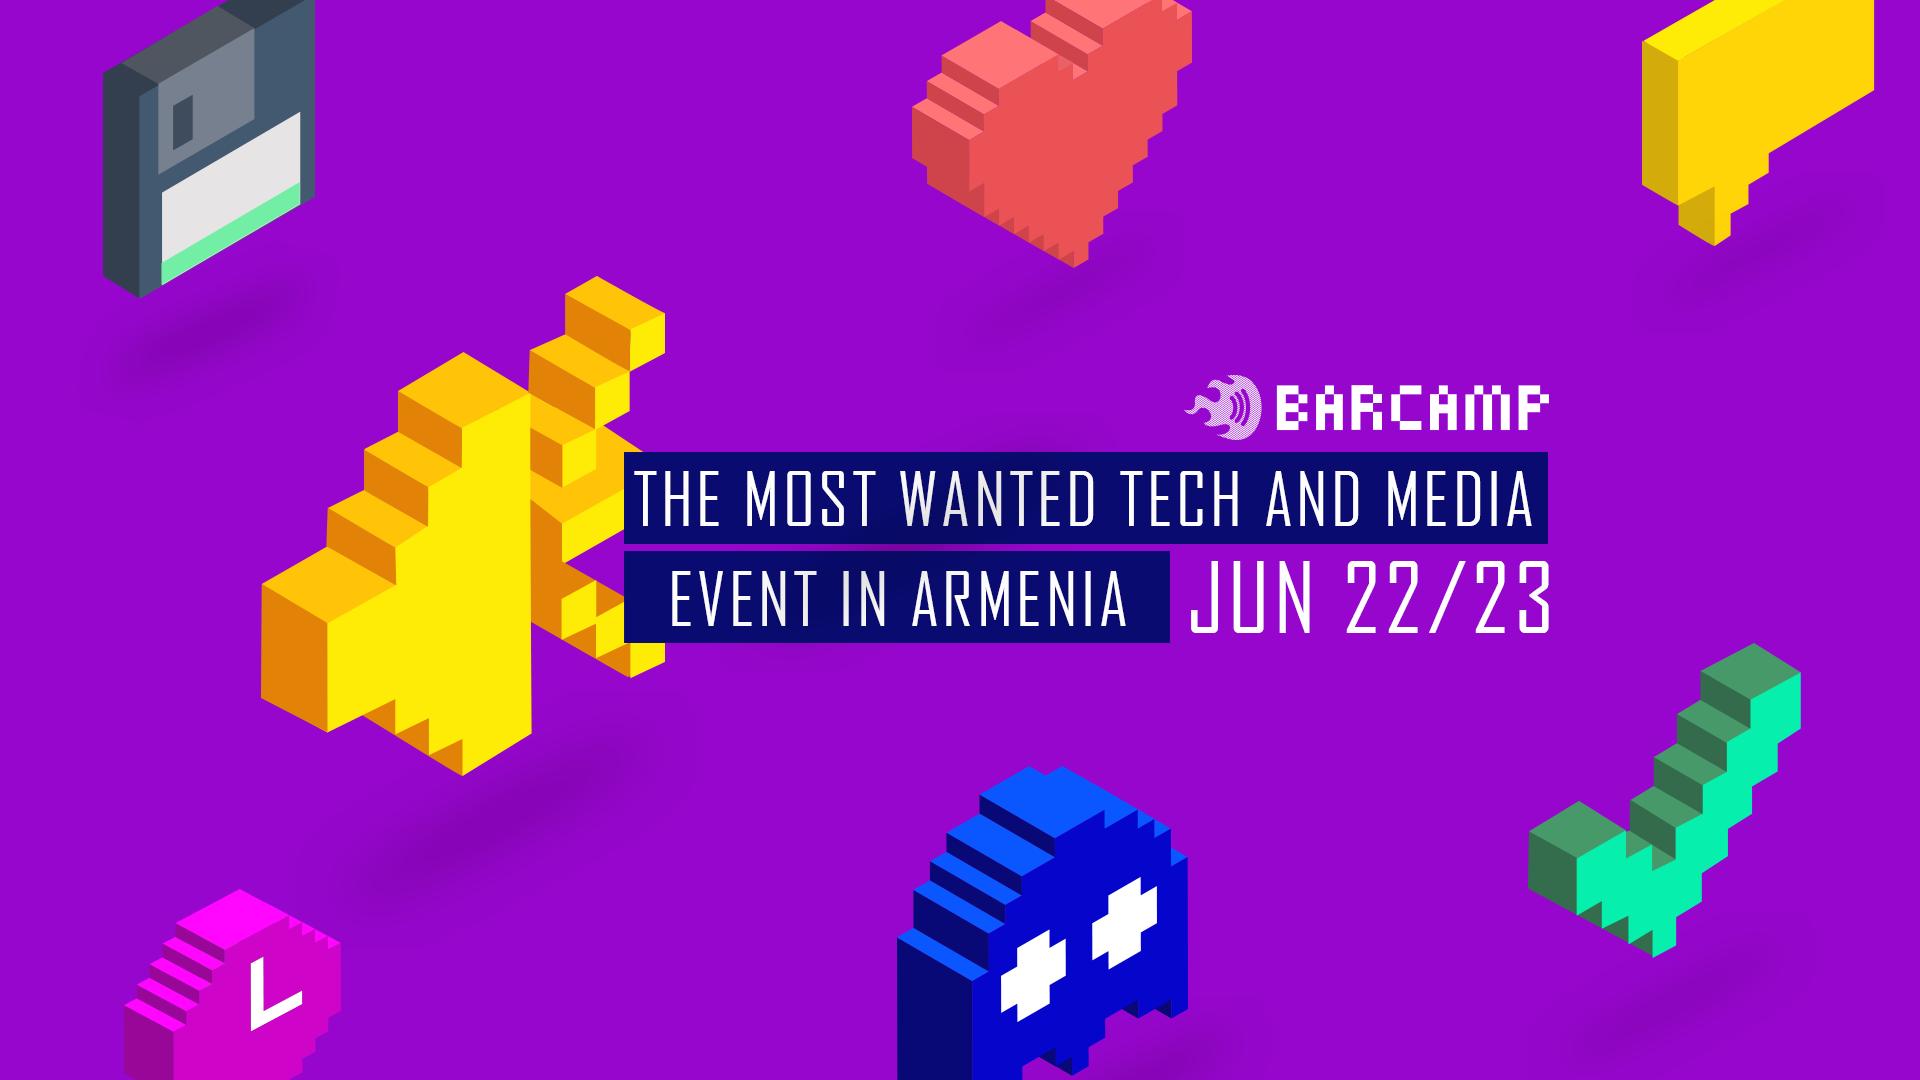 Տեղի կունենա BarCamp 11-րդ չկոնֆերանսը